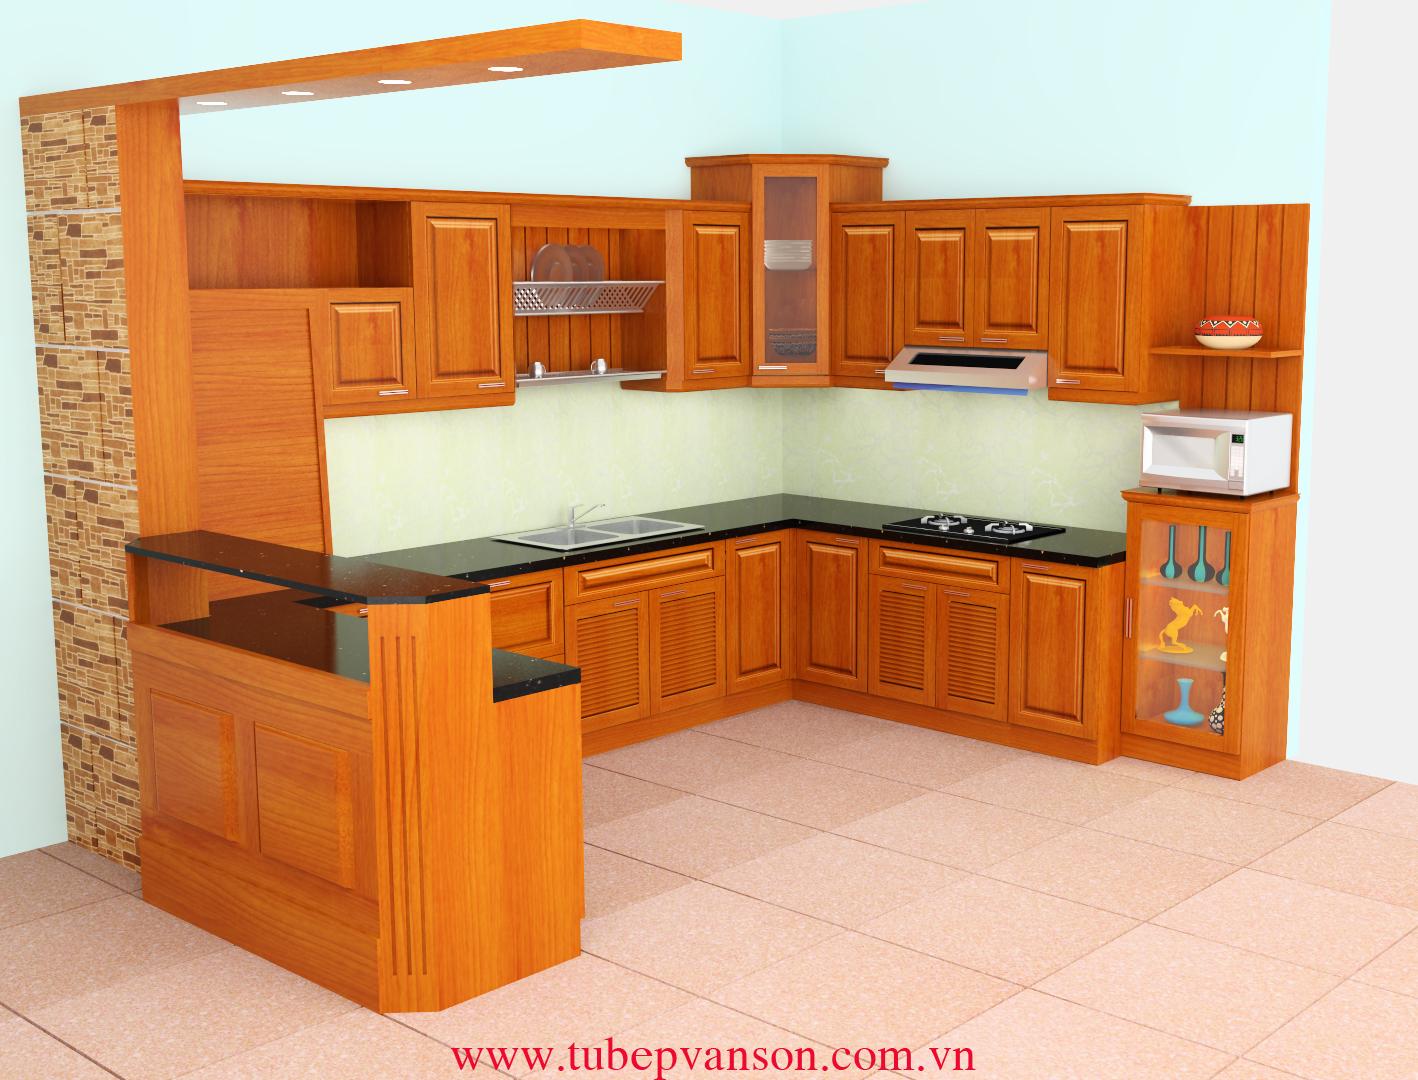 Tủ bếp gỗ Huỳnh Đào Vàng